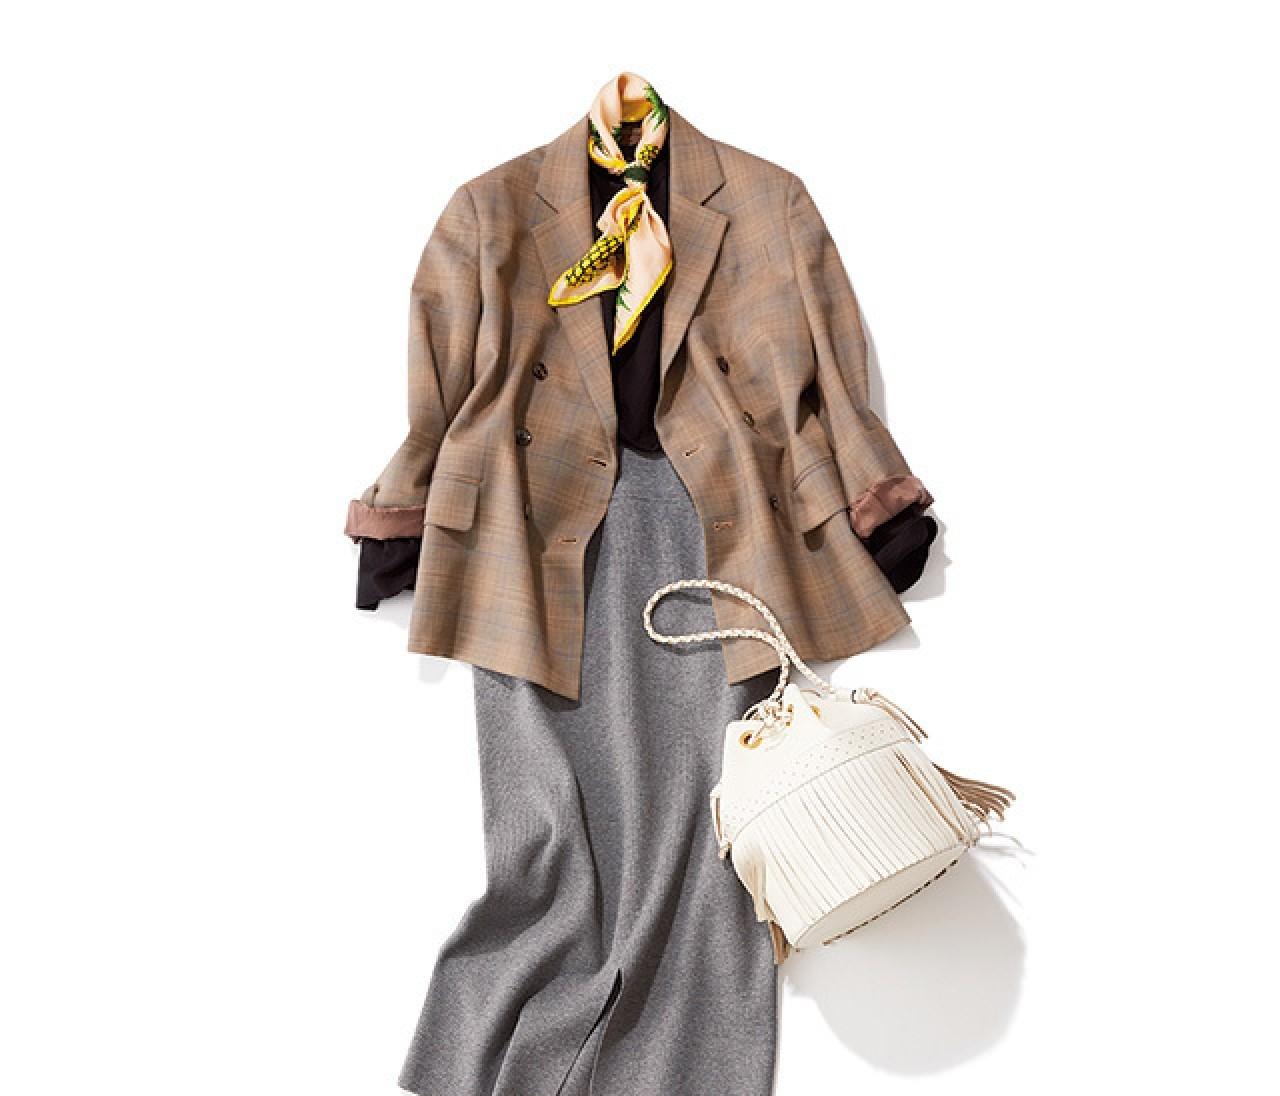 顔映えジャケット&スカーフで、春のスカートコーデは完璧!